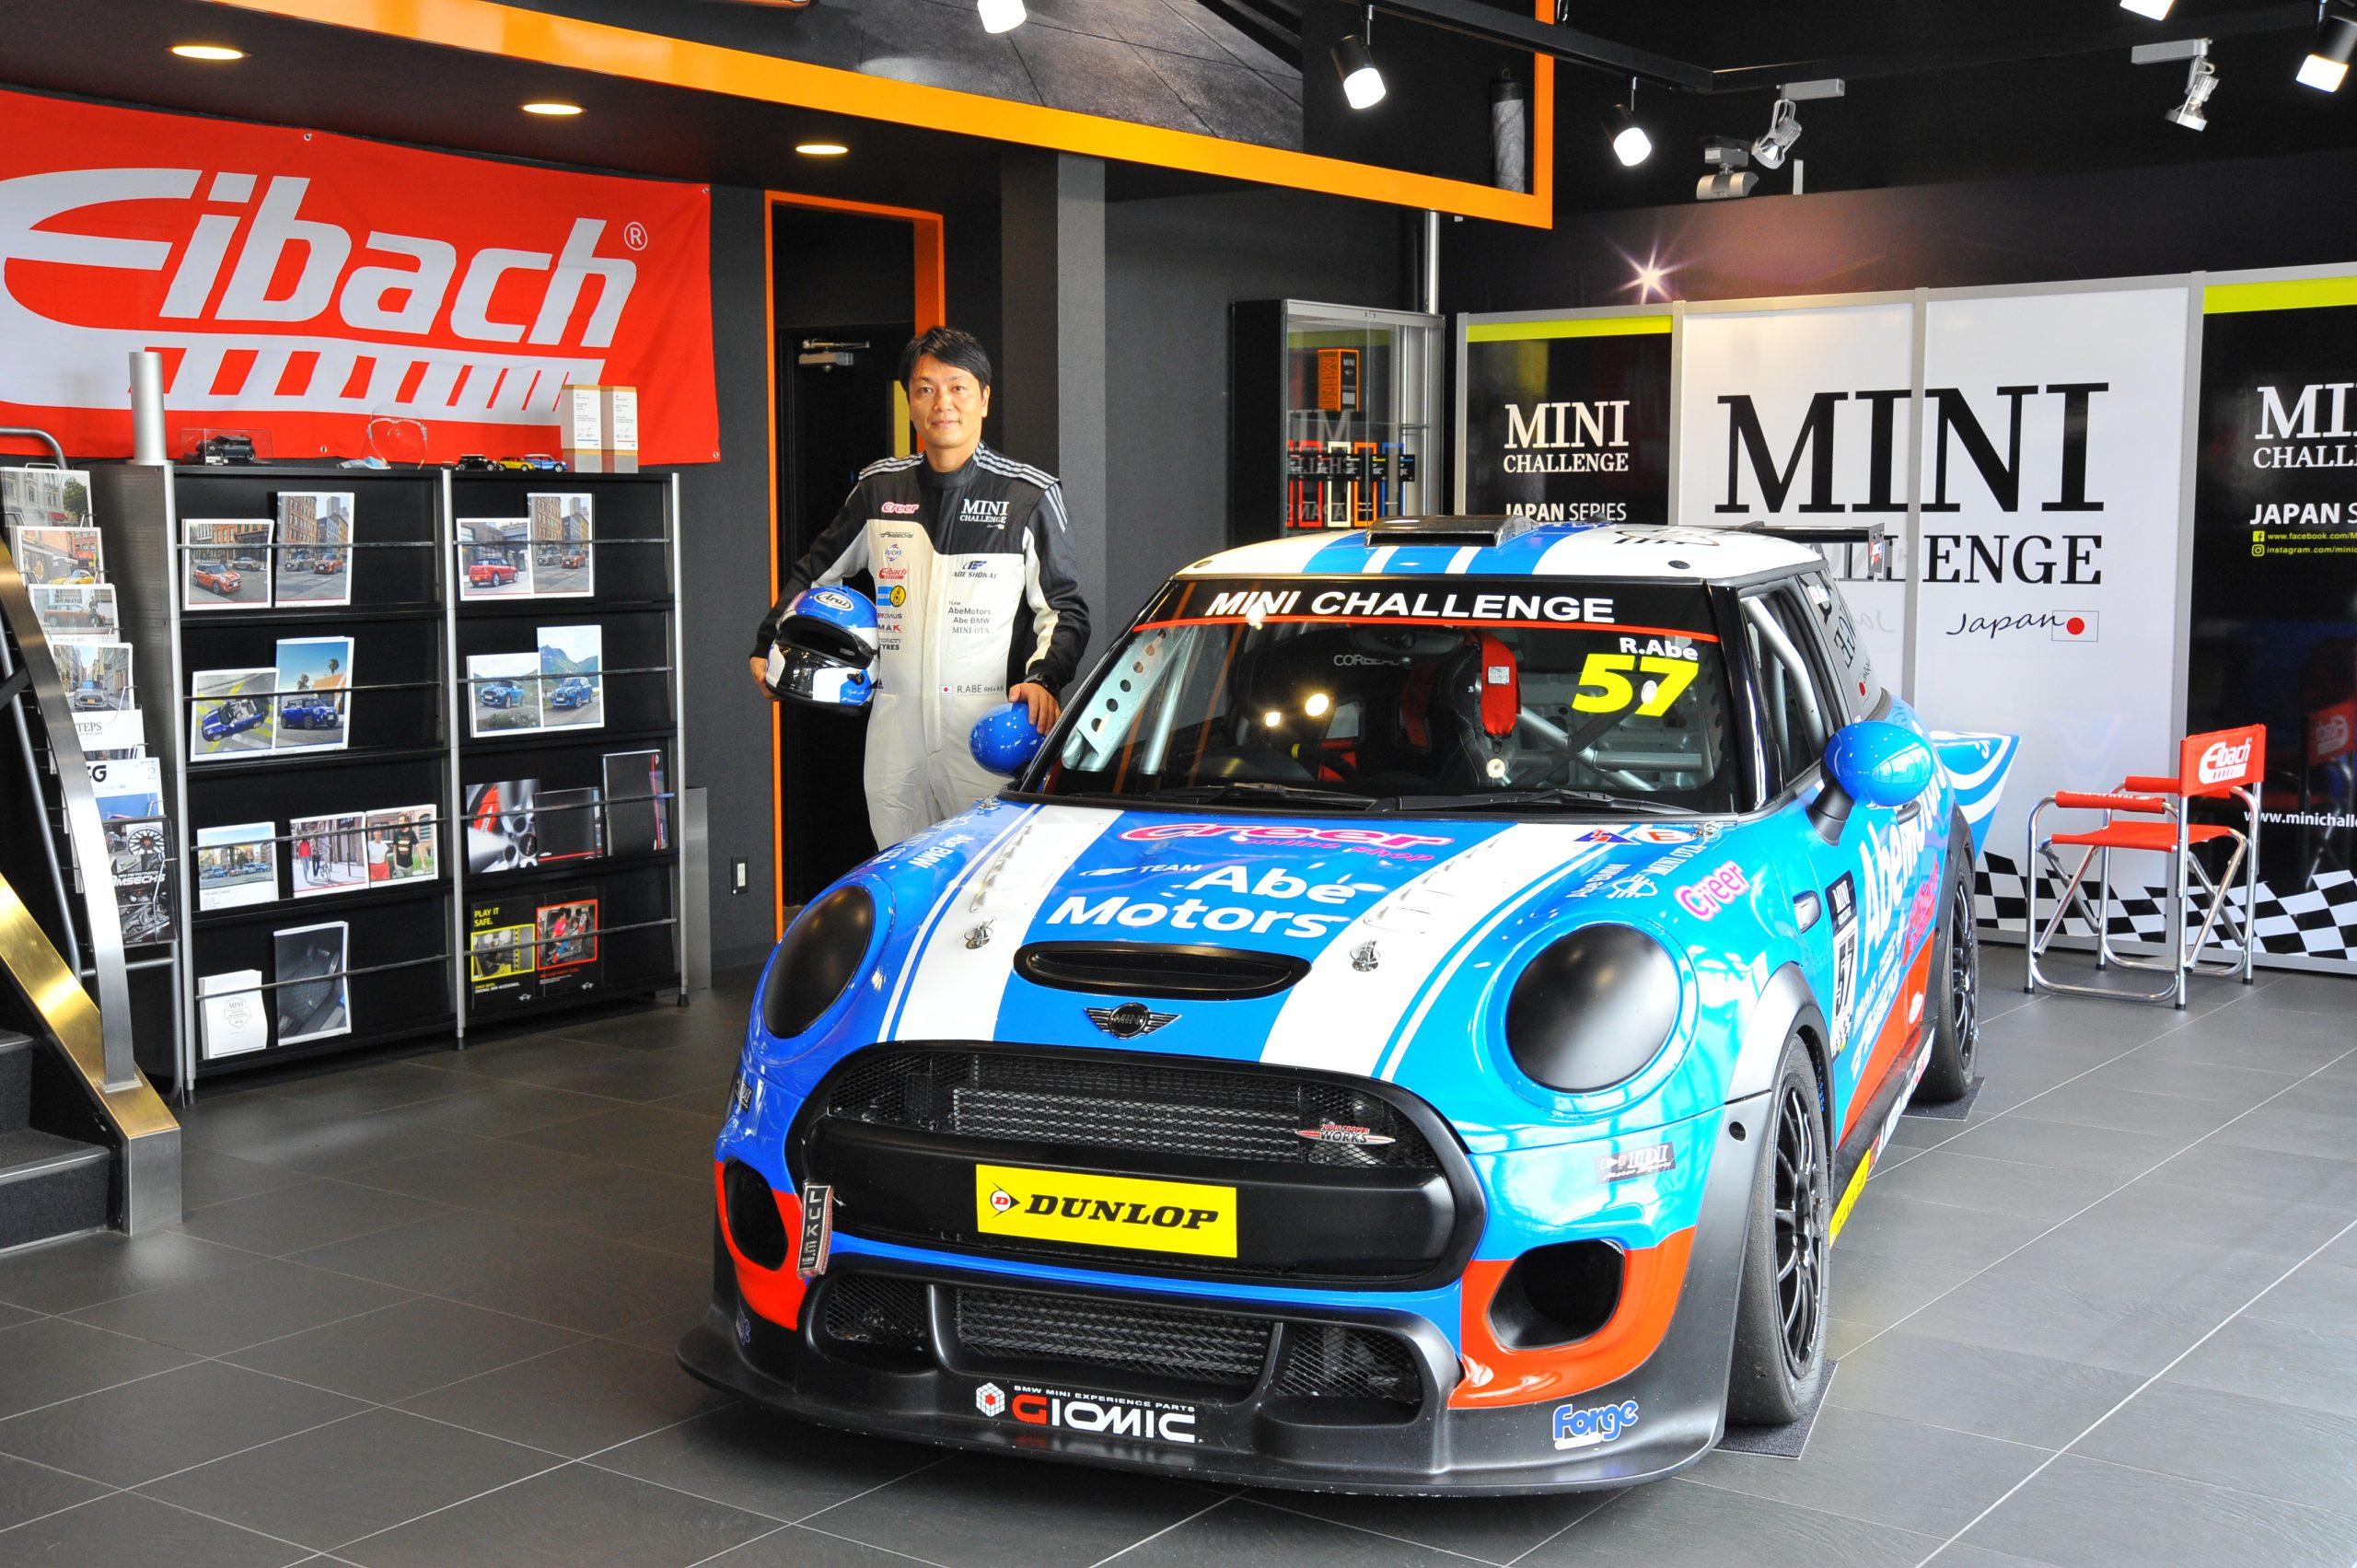 レース参戦でモータースポーツノウハウの蓄積を目指す「阿部商会がMINI CHALLENGE2020シーズンに参戦を発表!」